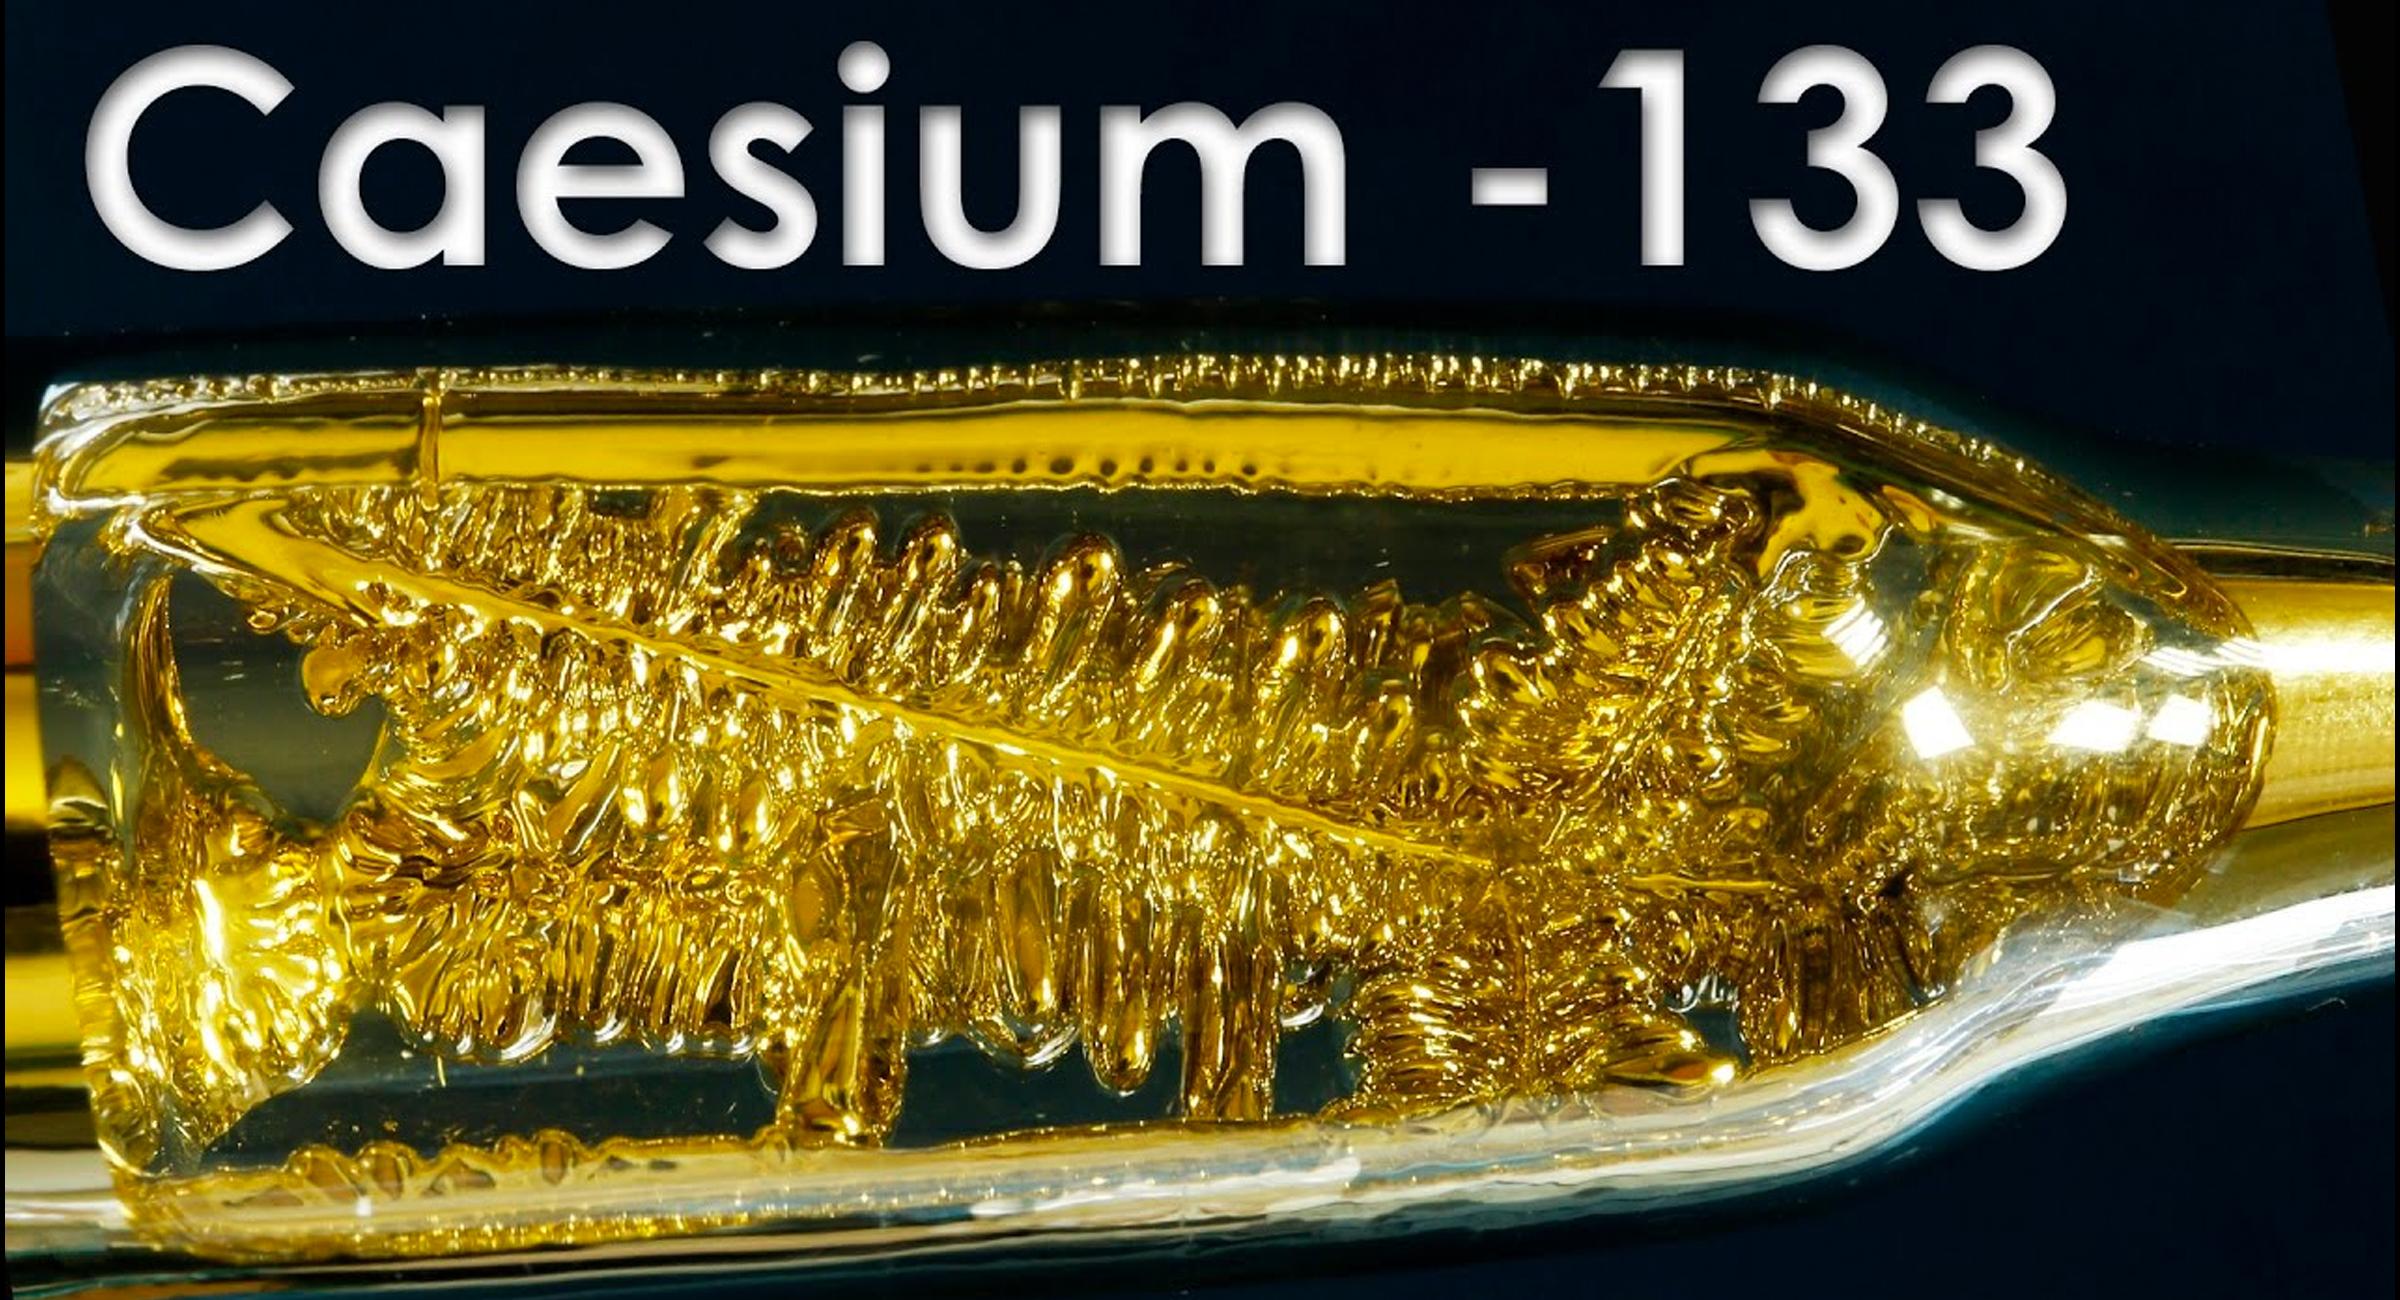 Manitoba has 85 per cent of the world's caesium